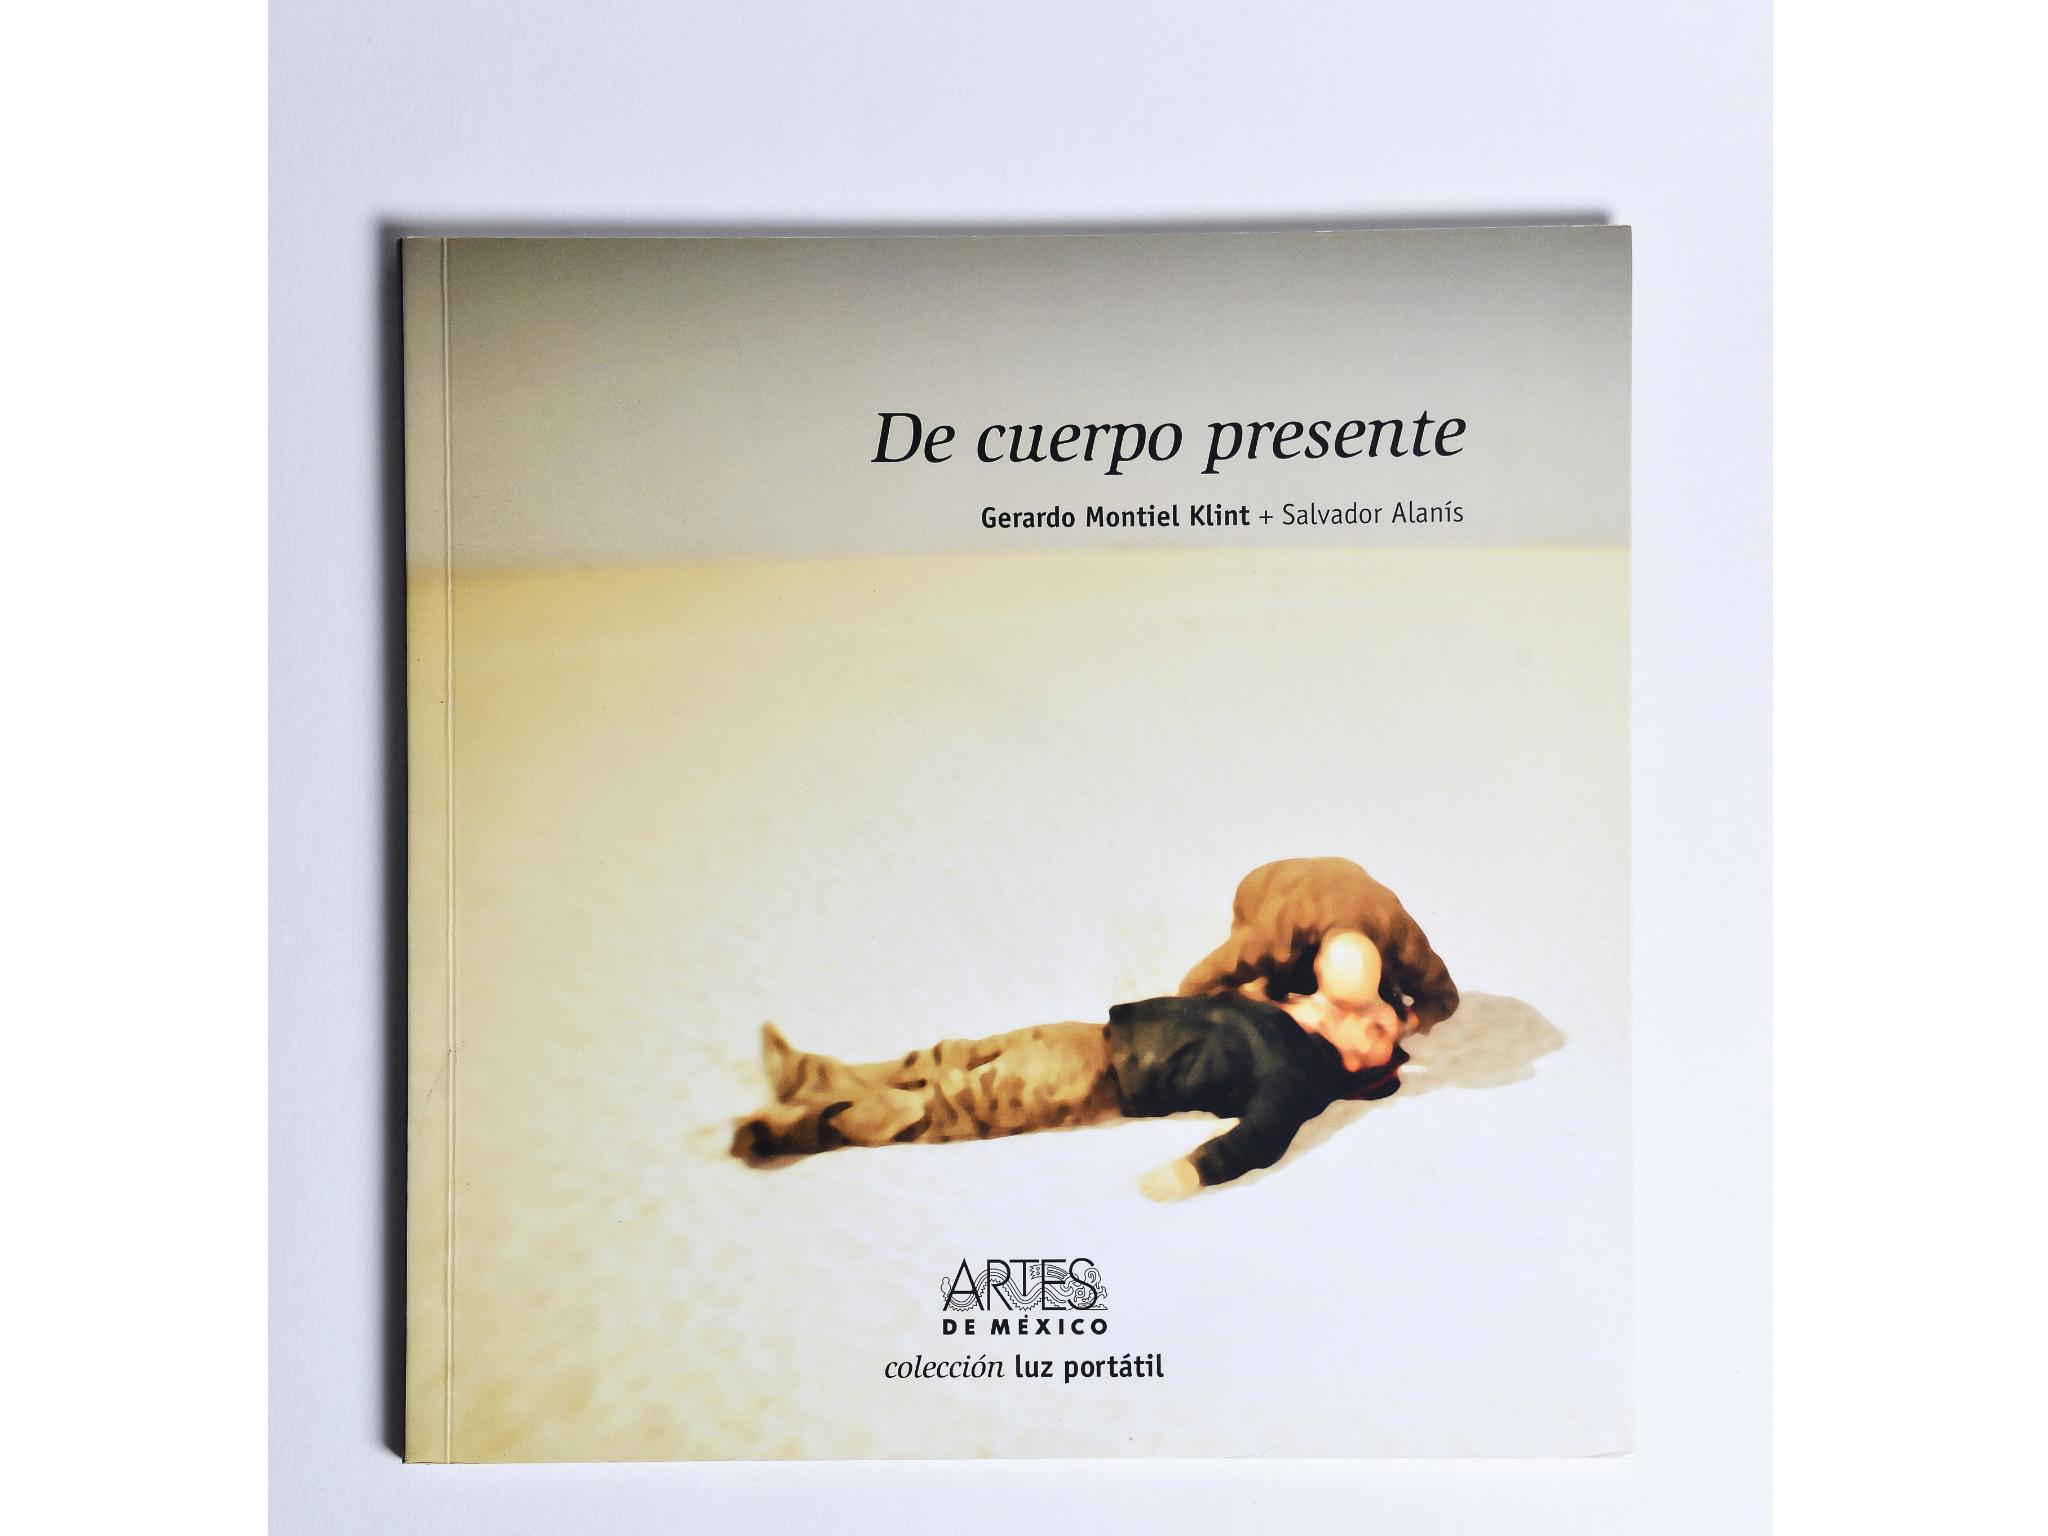 Fotolibro De Cuerpo Presente, Gerardo Montiel Klint